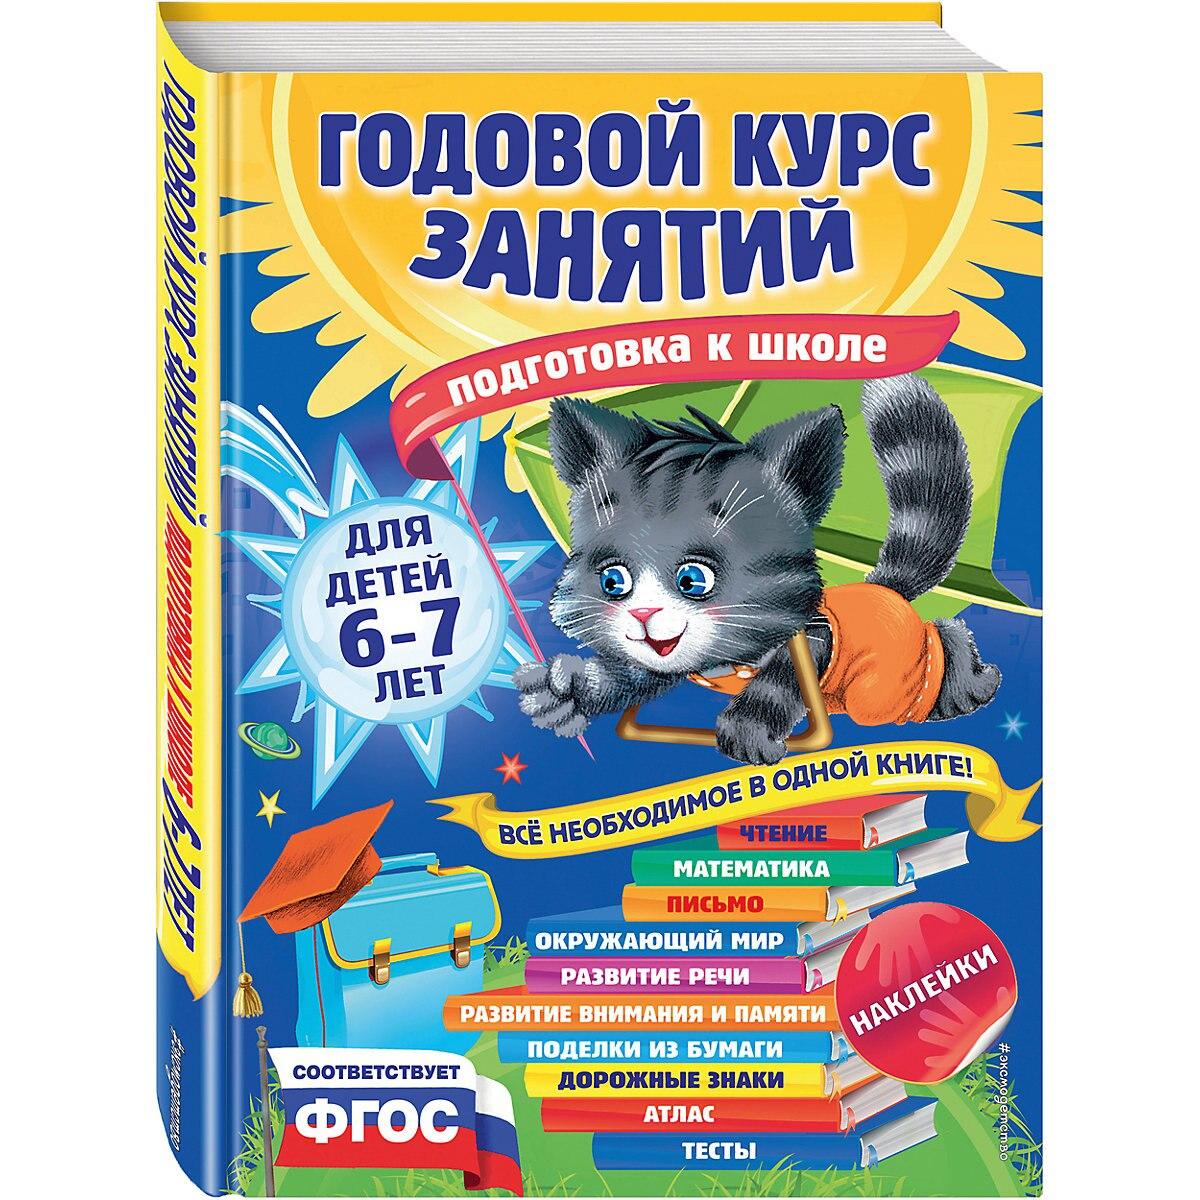 Books EKSMO 4753533 children…